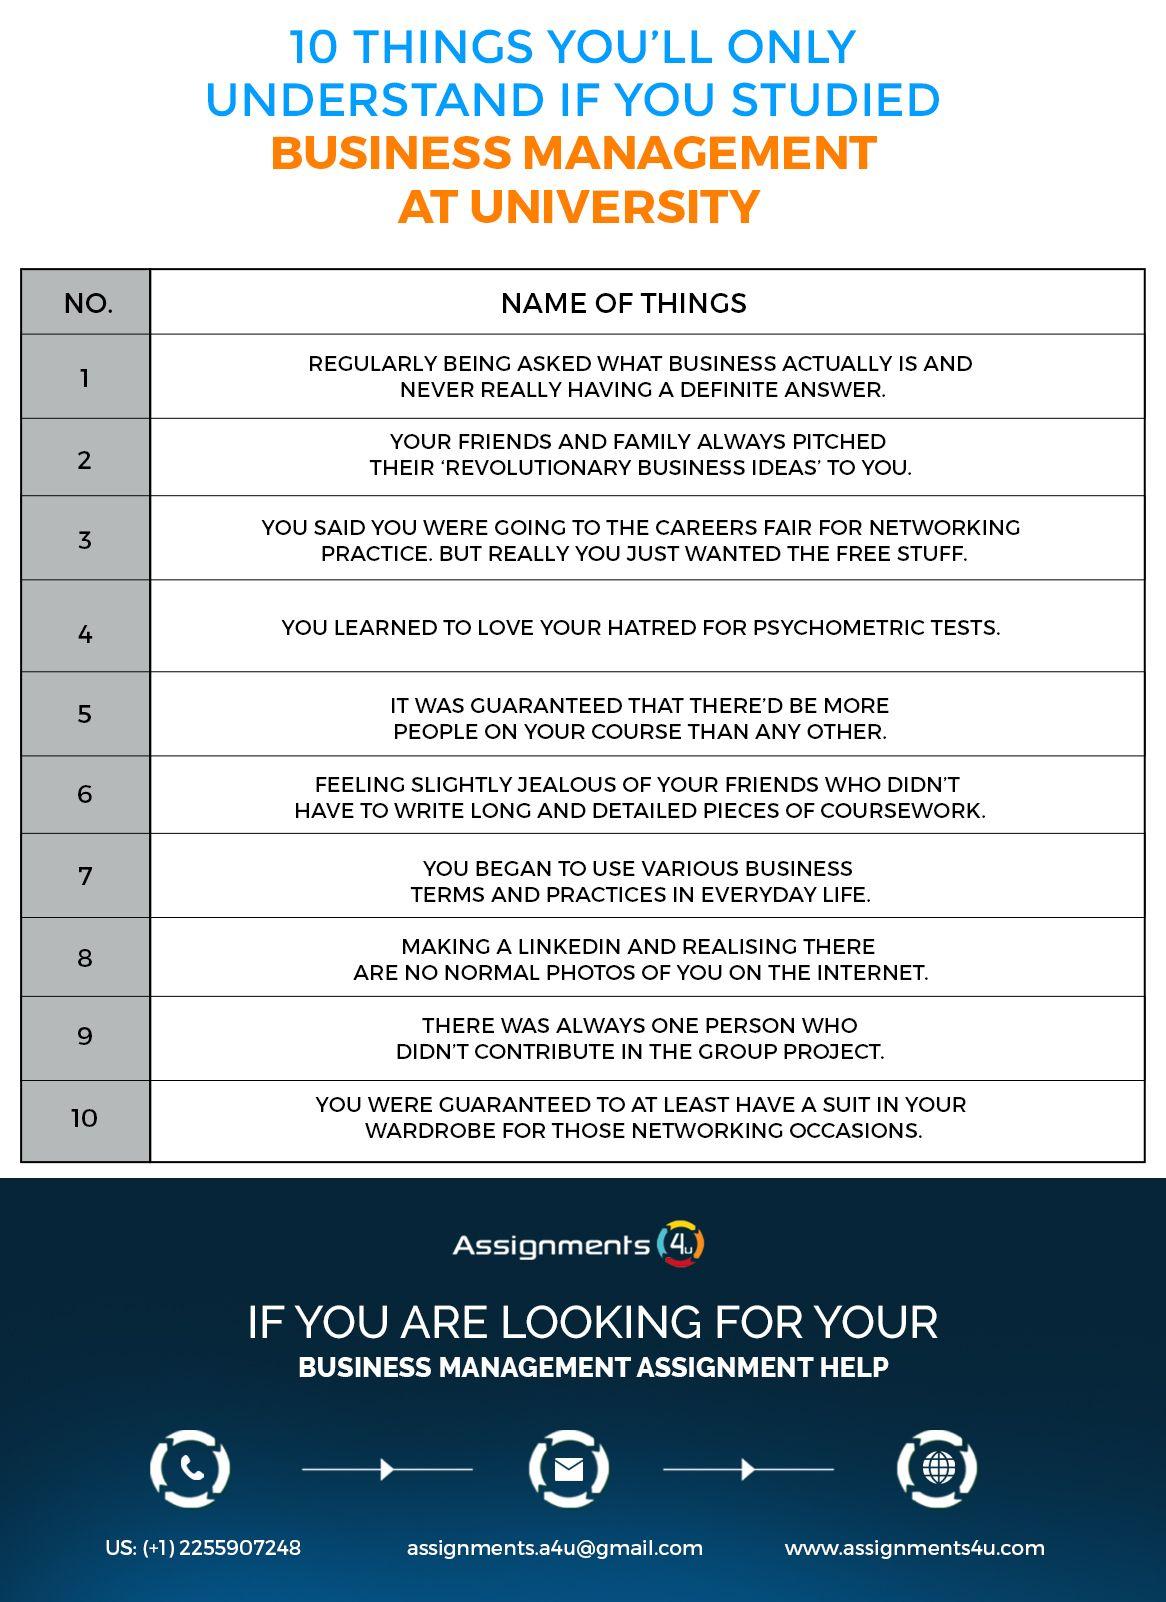 Best Business Management Assignment Help & Homework Help